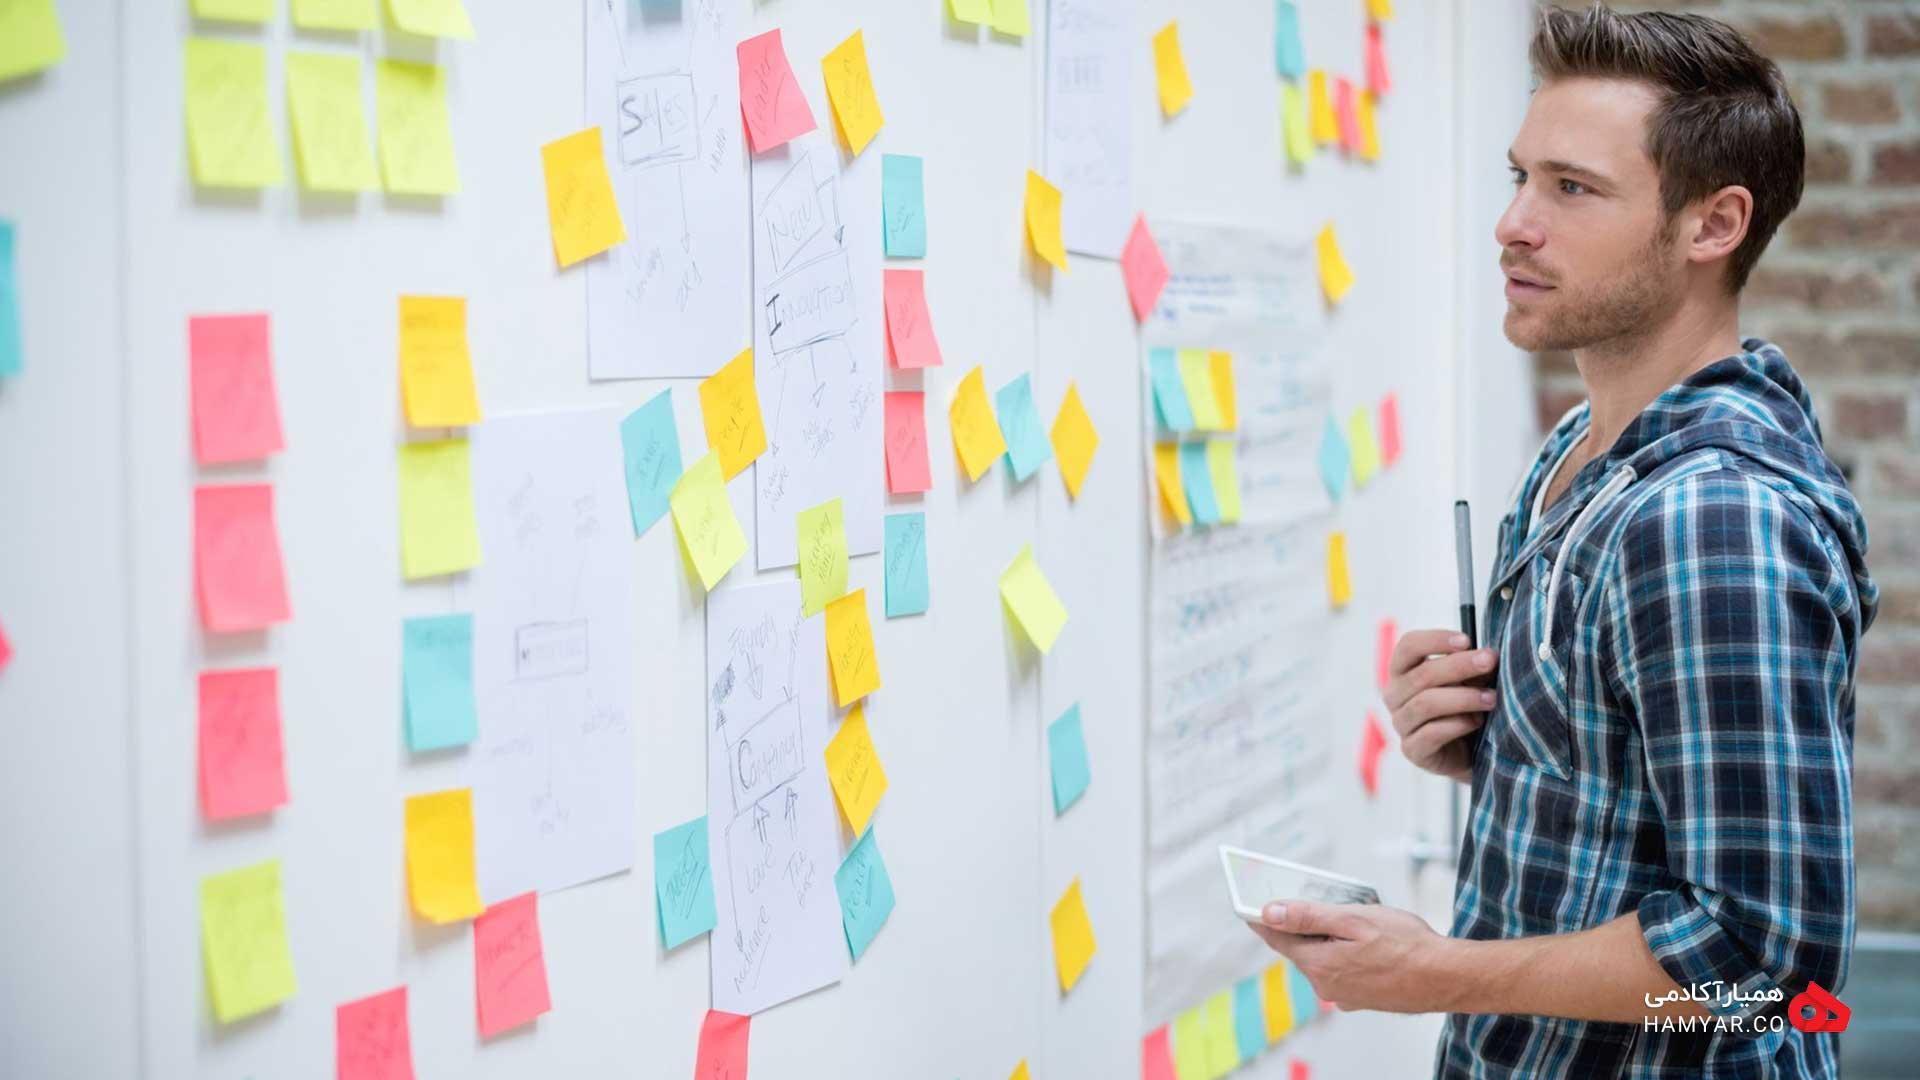 بهترین ابزارهای مدیریت کار بهترین ابزارهای مدیریت کار که در هر کسب و کاری نیاز دارید